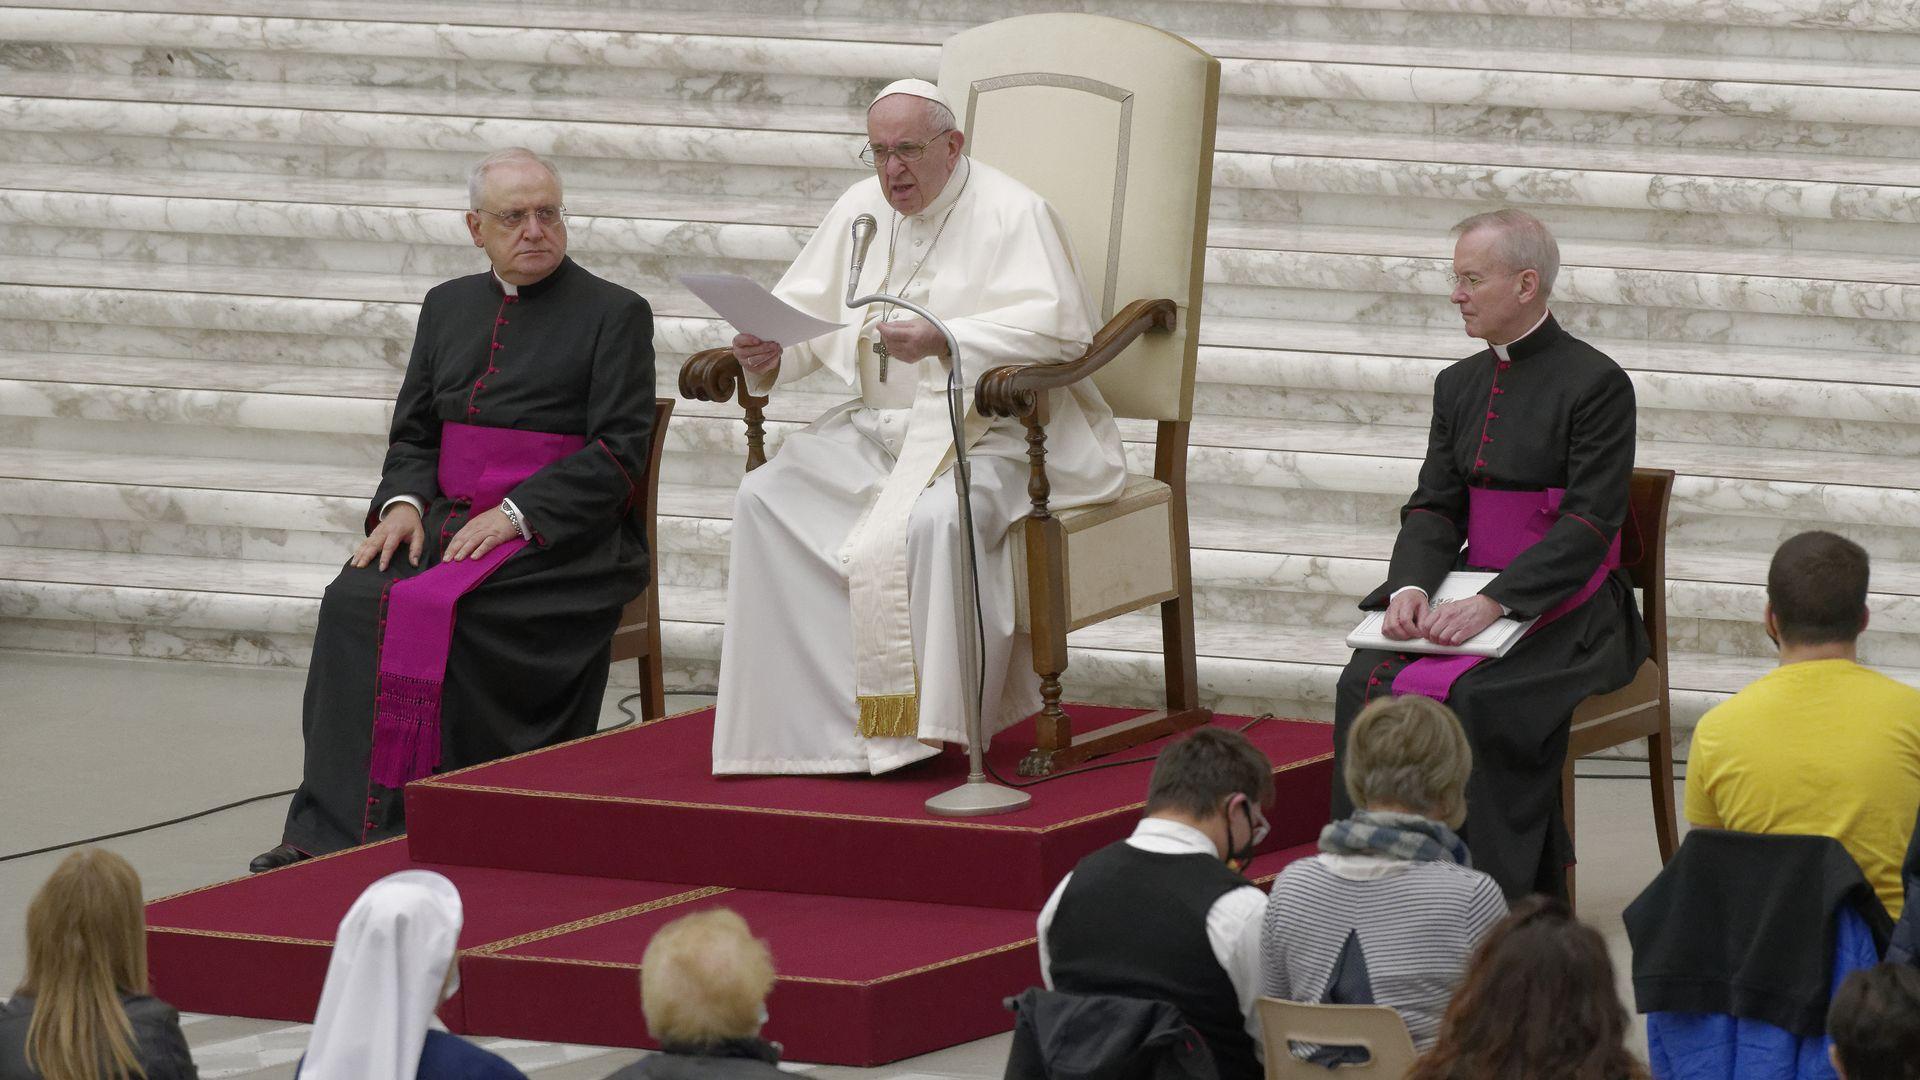 El Papa Francisco en su audiencia general semanal en el Vaticano el 7 de octubre.